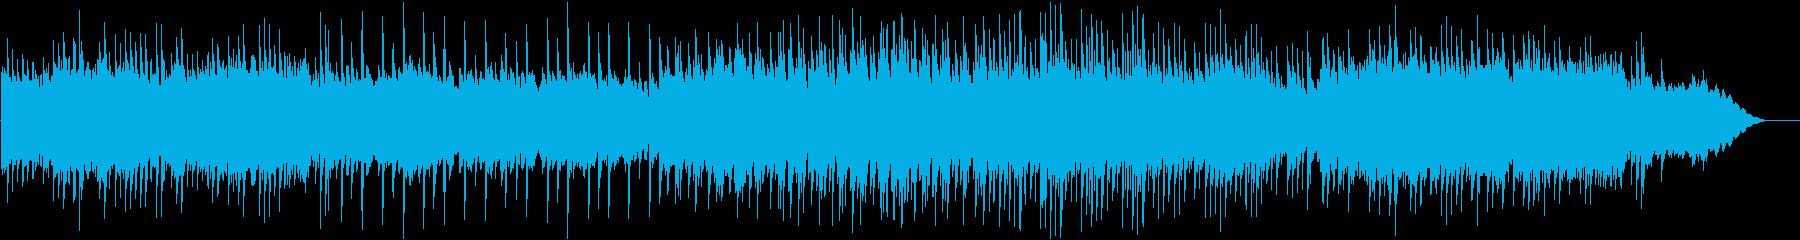 CMや映像に癒しピアノ 感動的ヒーリングの再生済みの波形